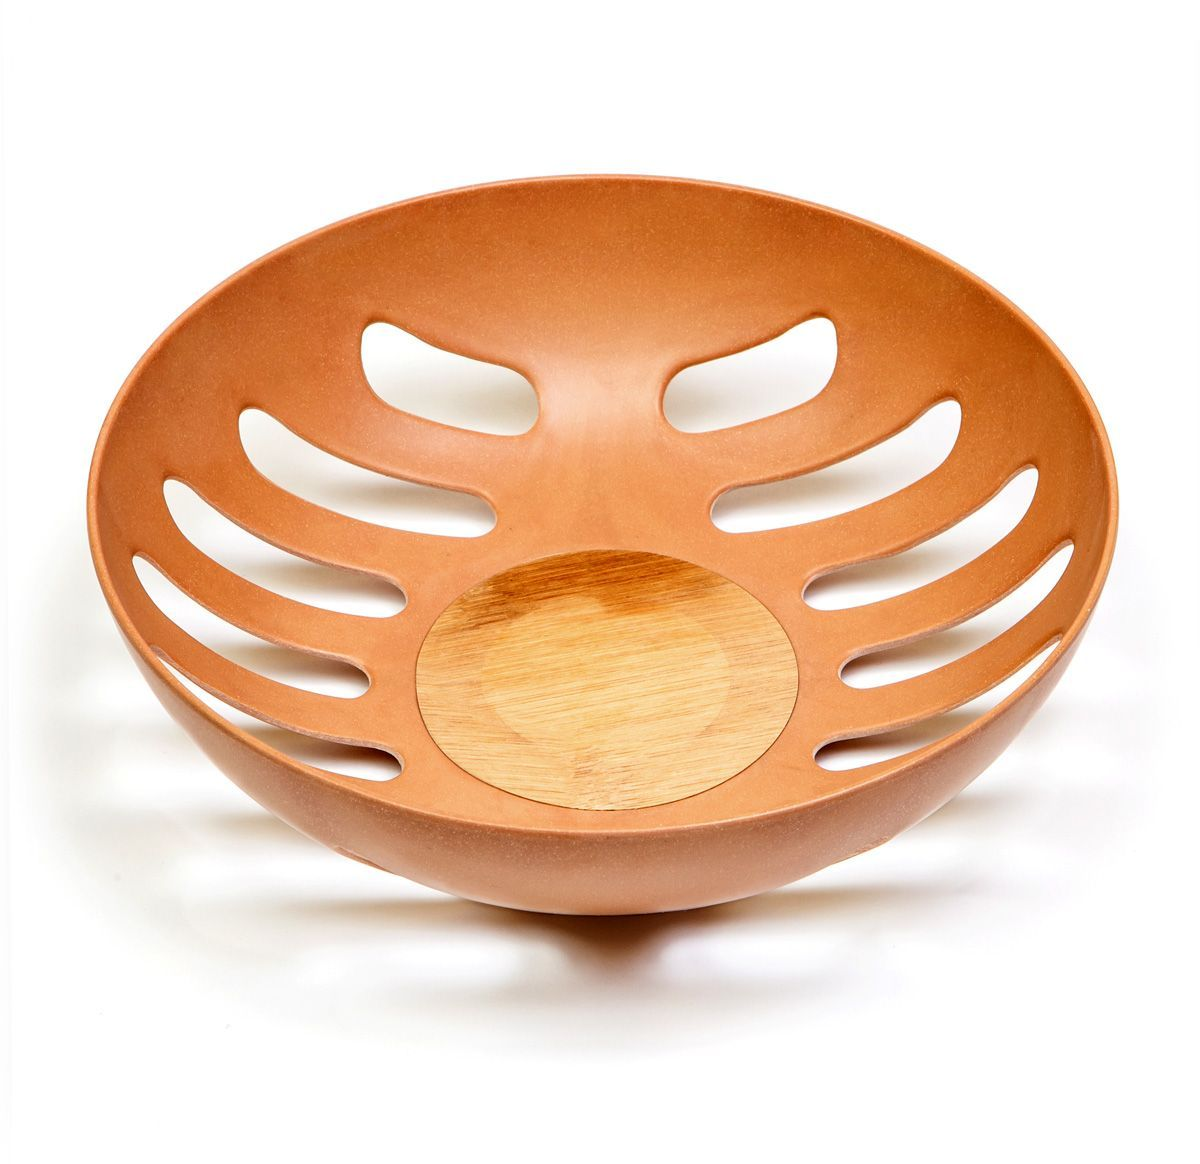 Фруктовница MoulinVilla, цвет: коричневый, 21,8 х 21,8 х 6,3 смTSF-24-brФруктовница MOULINvilla, изготовленная из природного бамбука, очищенного от вредных примесей идеально подходит для хранения и красивой сервировки любых фруктов. Для окраски используются натуральные пищевые красители. Бамбук, сам по себе, является природным антисептиком. Эта уникальная особенность посуды гарантирует безопасность при эксплуатации и хранении различных видов пищевой продукции. Можно мыть в посудомоечной машине.